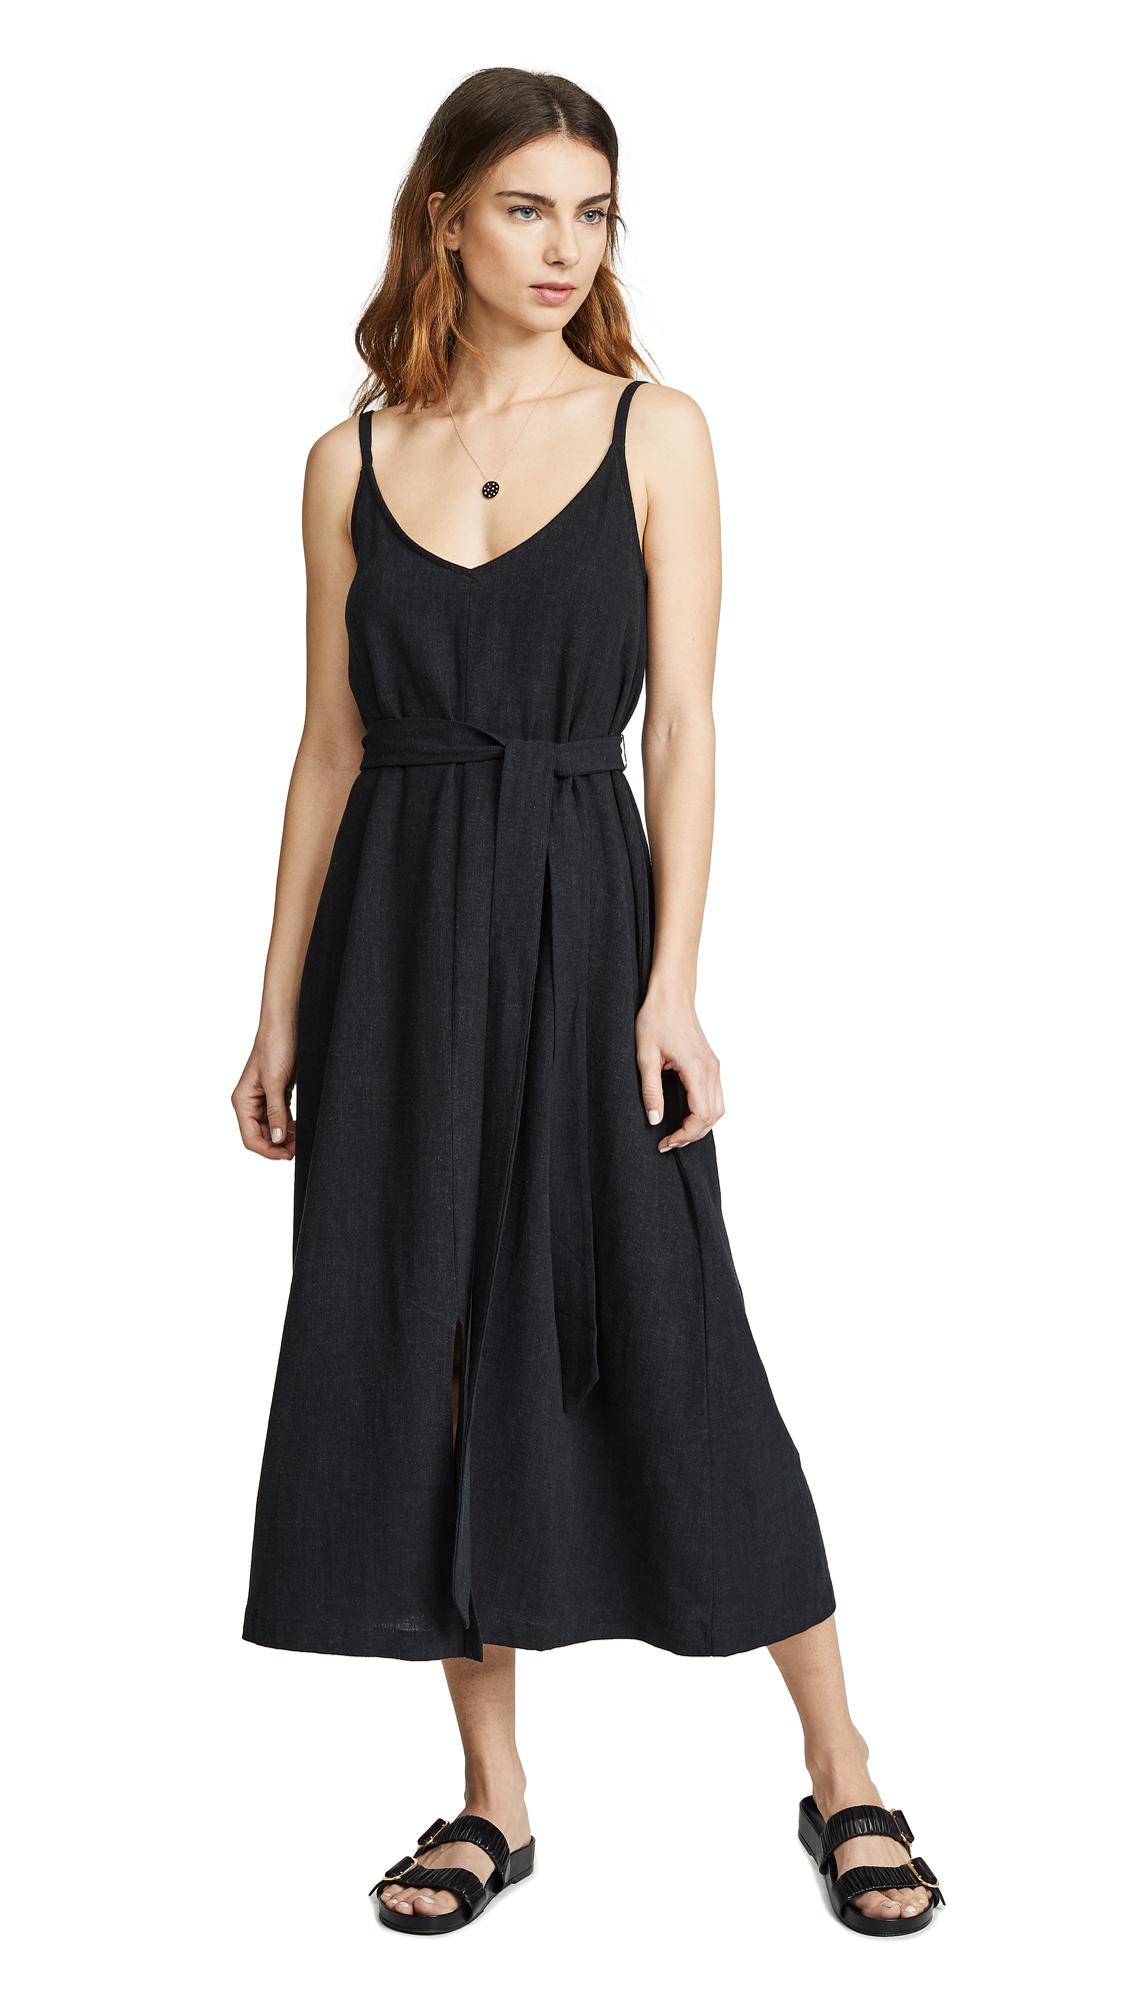 Rachel Pally Tallulah Dress - Black